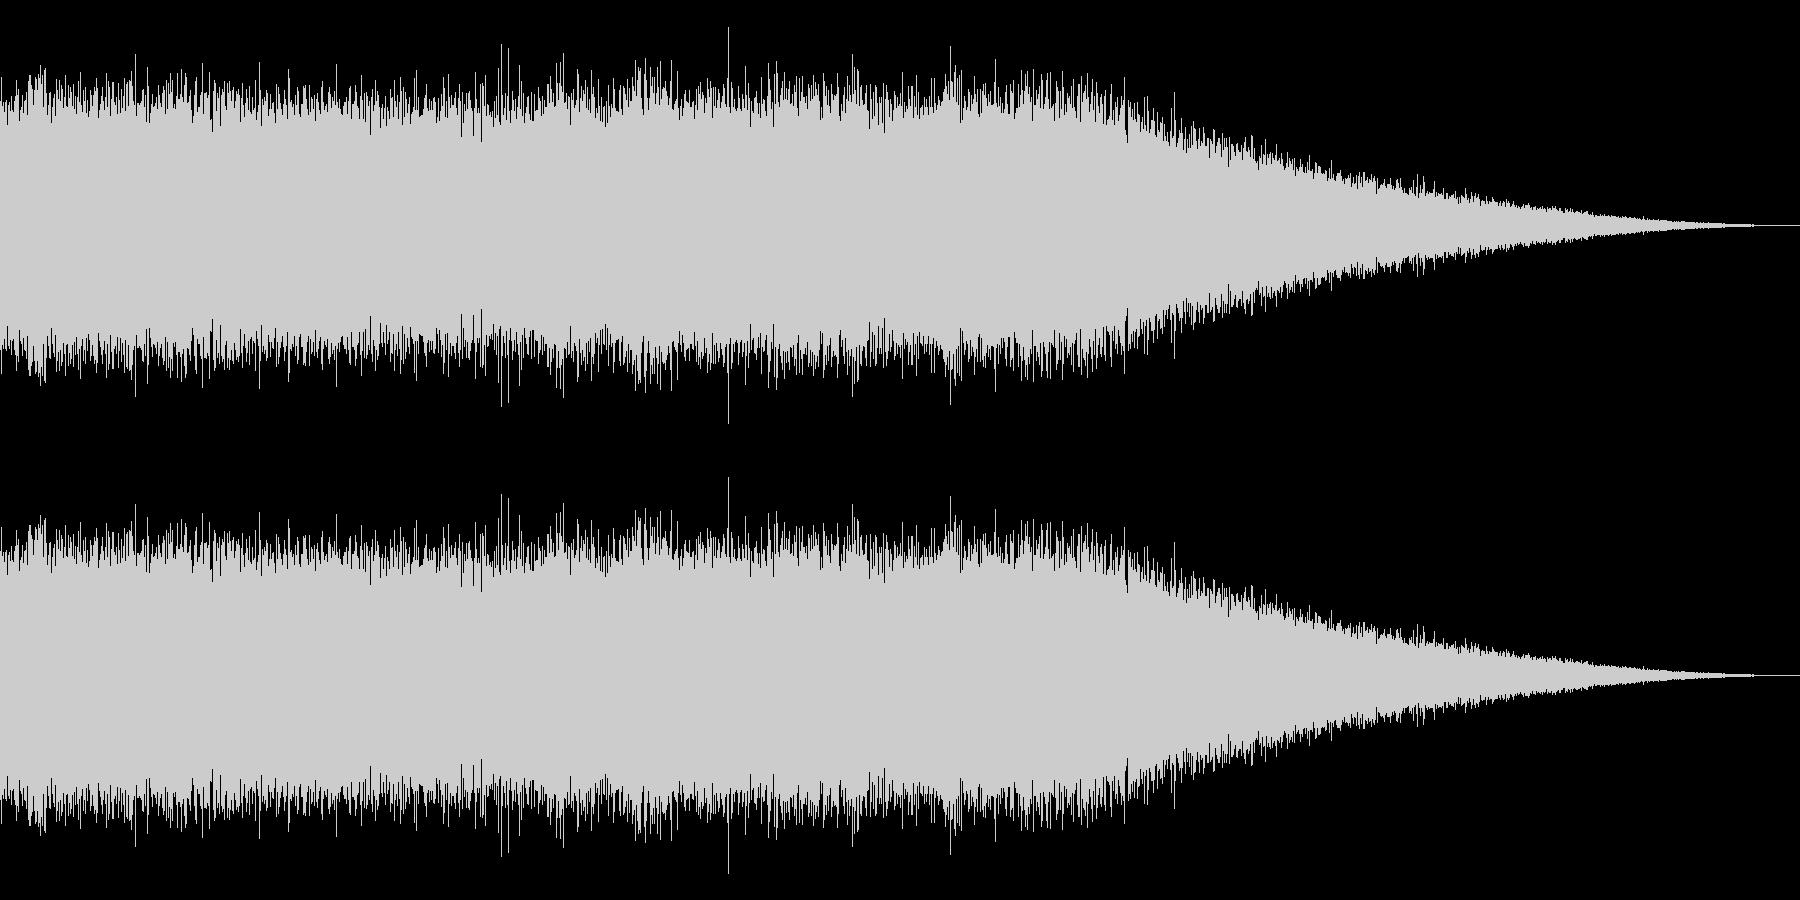 戦車の走行音/キャタピラの効果音 07の未再生の波形